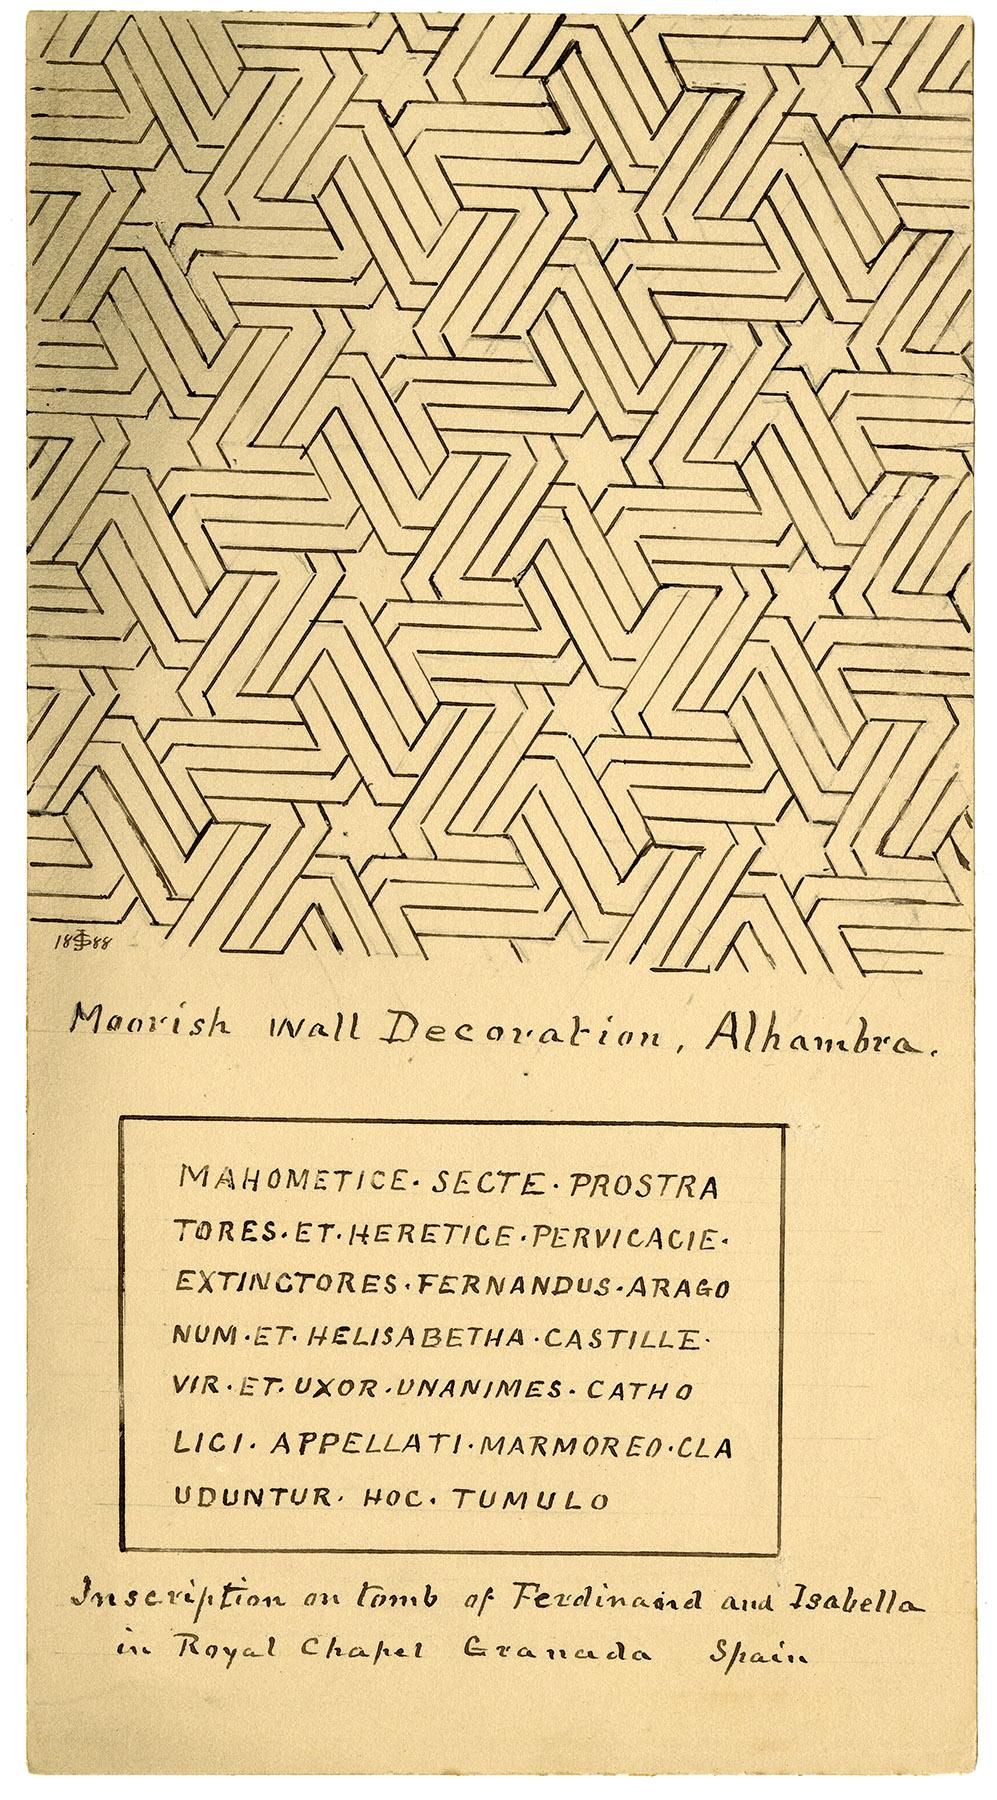 Moorish darwing043